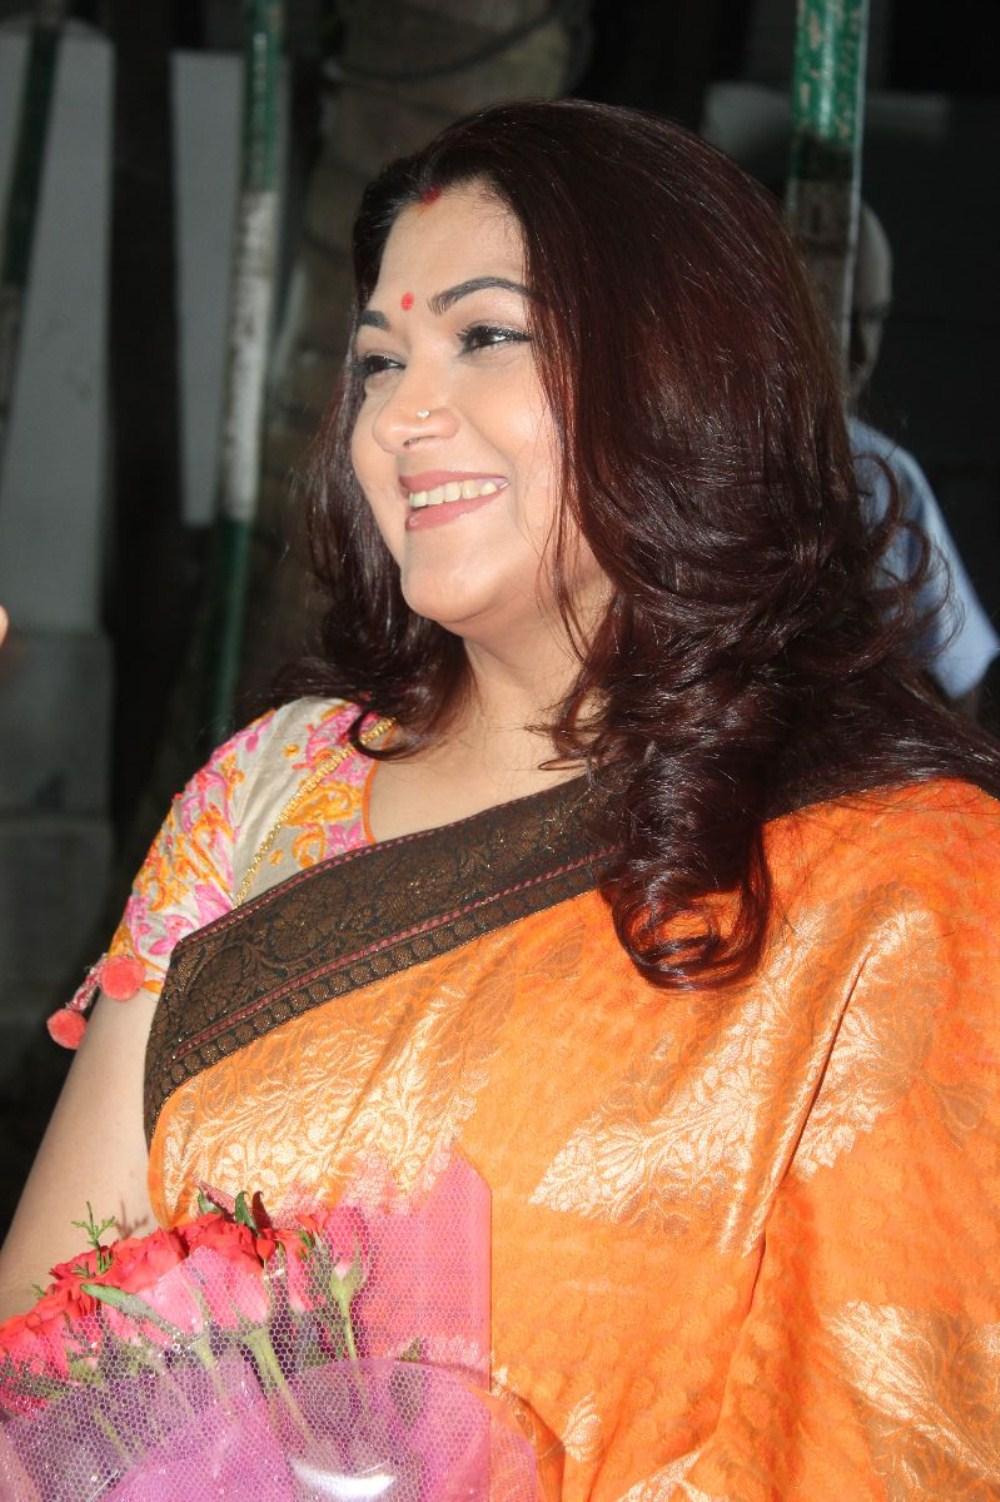 Newstillsindia: Actress Kushboo Latest Stills in Saree(No Watermark)